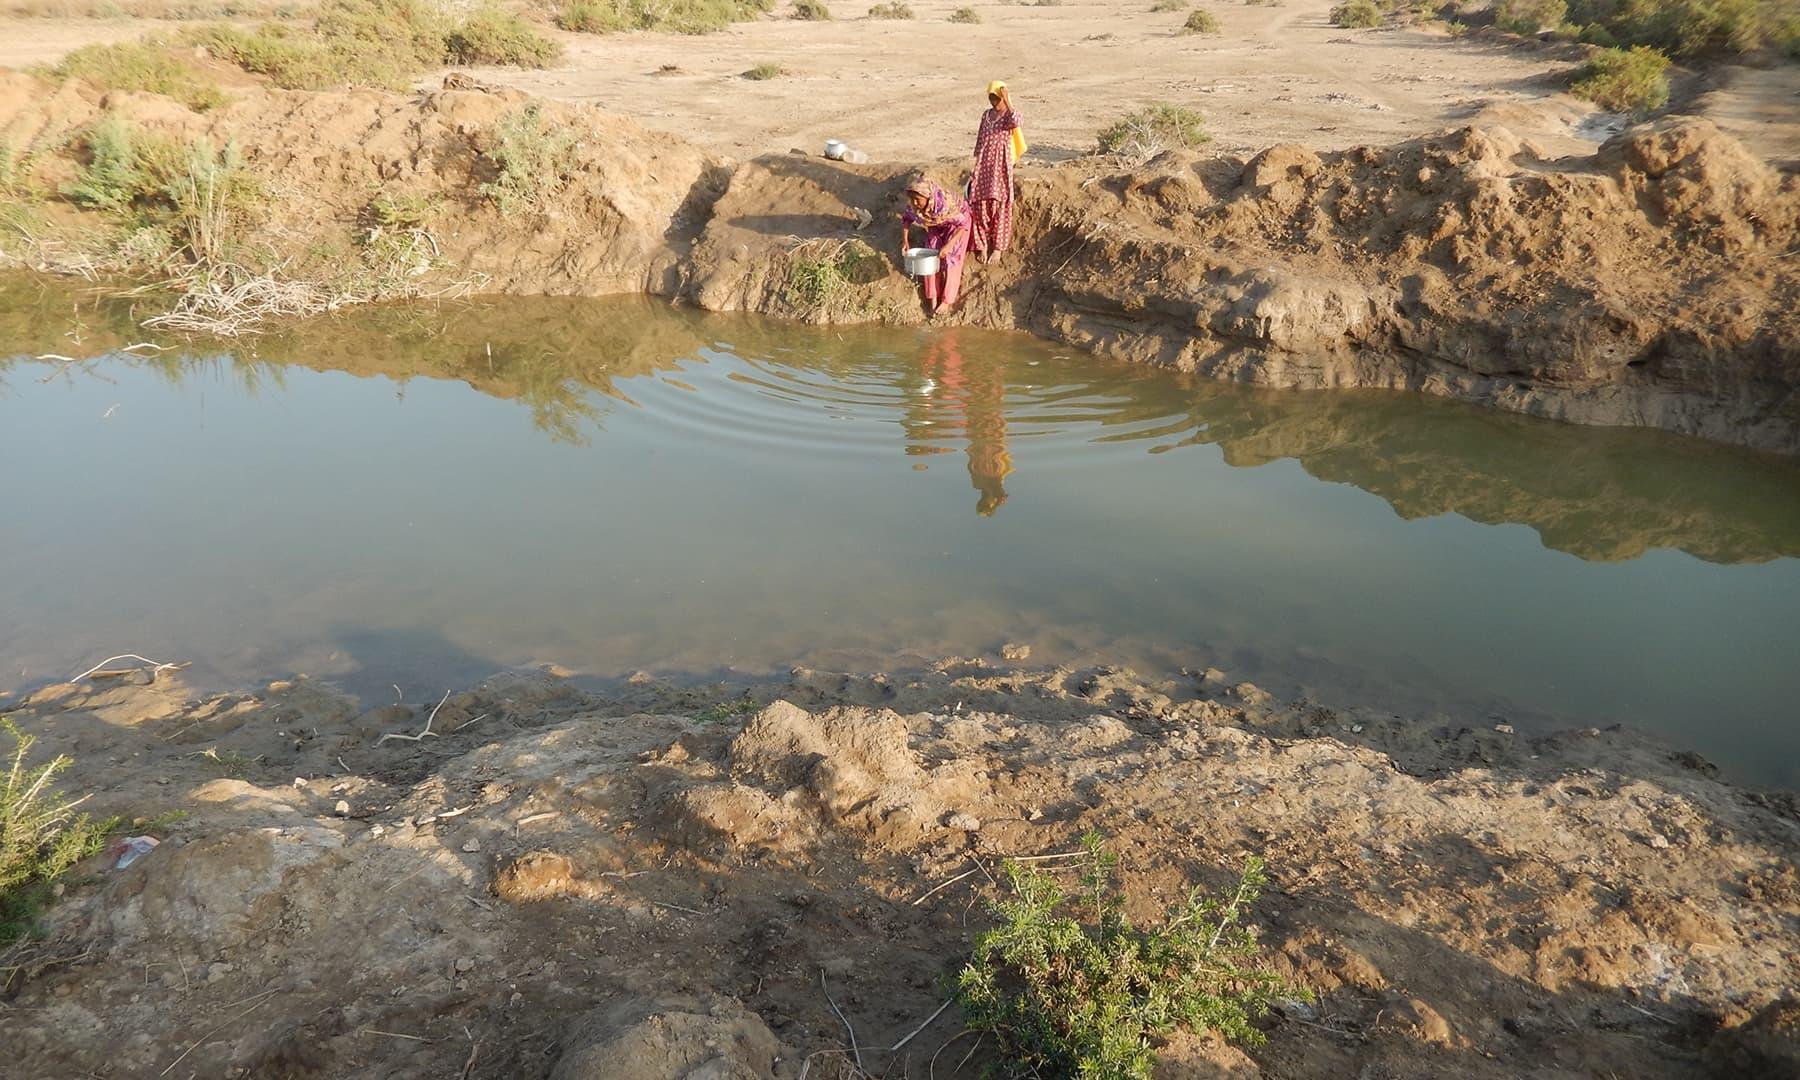 ساحلی پٹی کا ایک گاؤں—تصویر ابوبکر شیخ